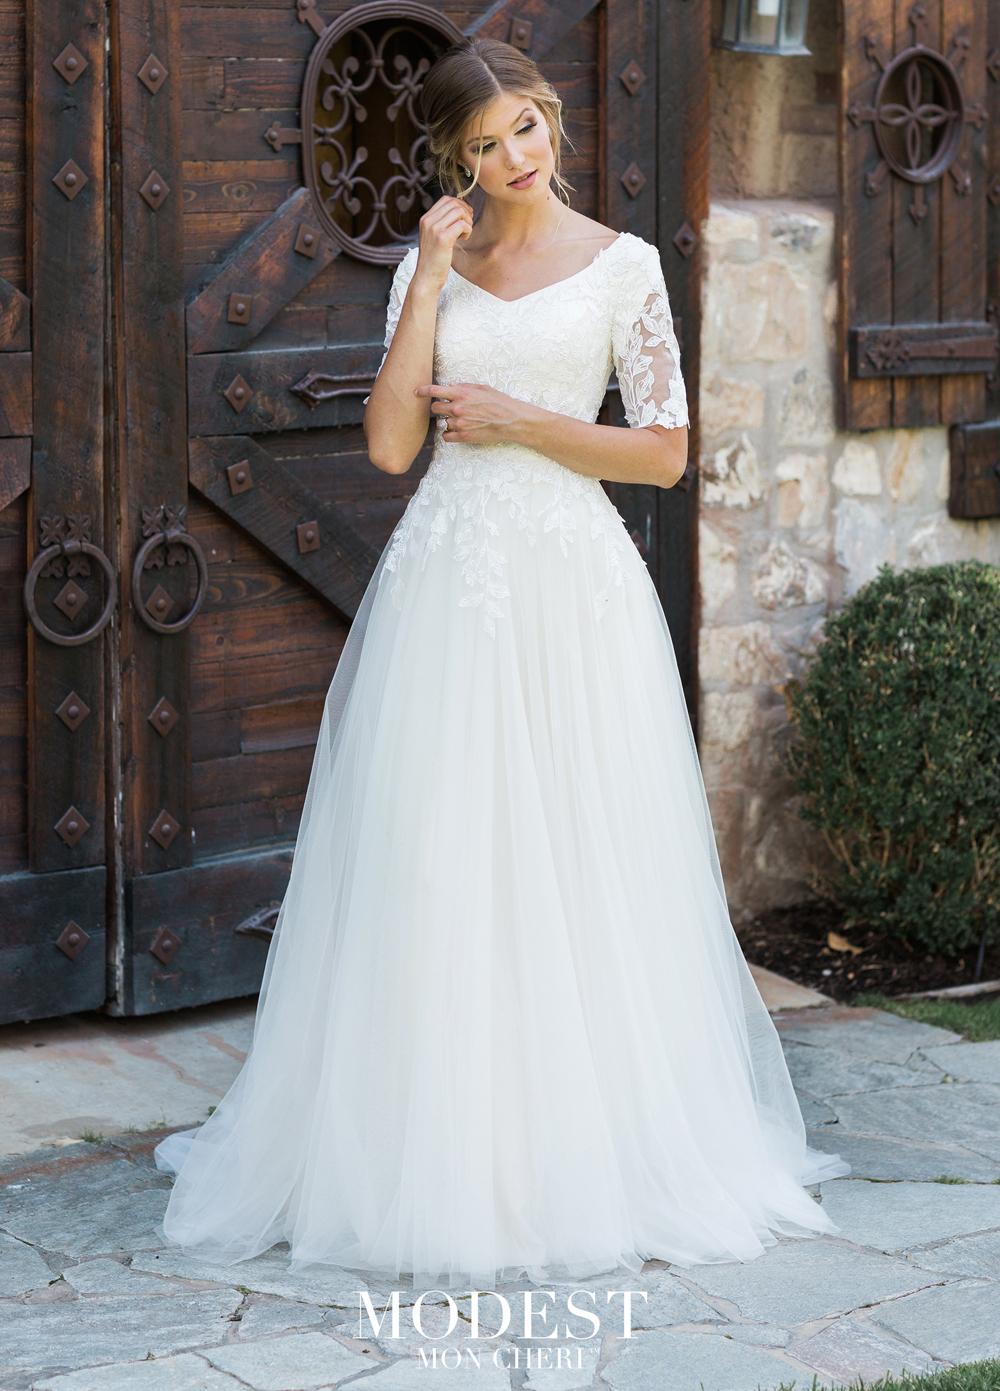 #fallweddingdresses